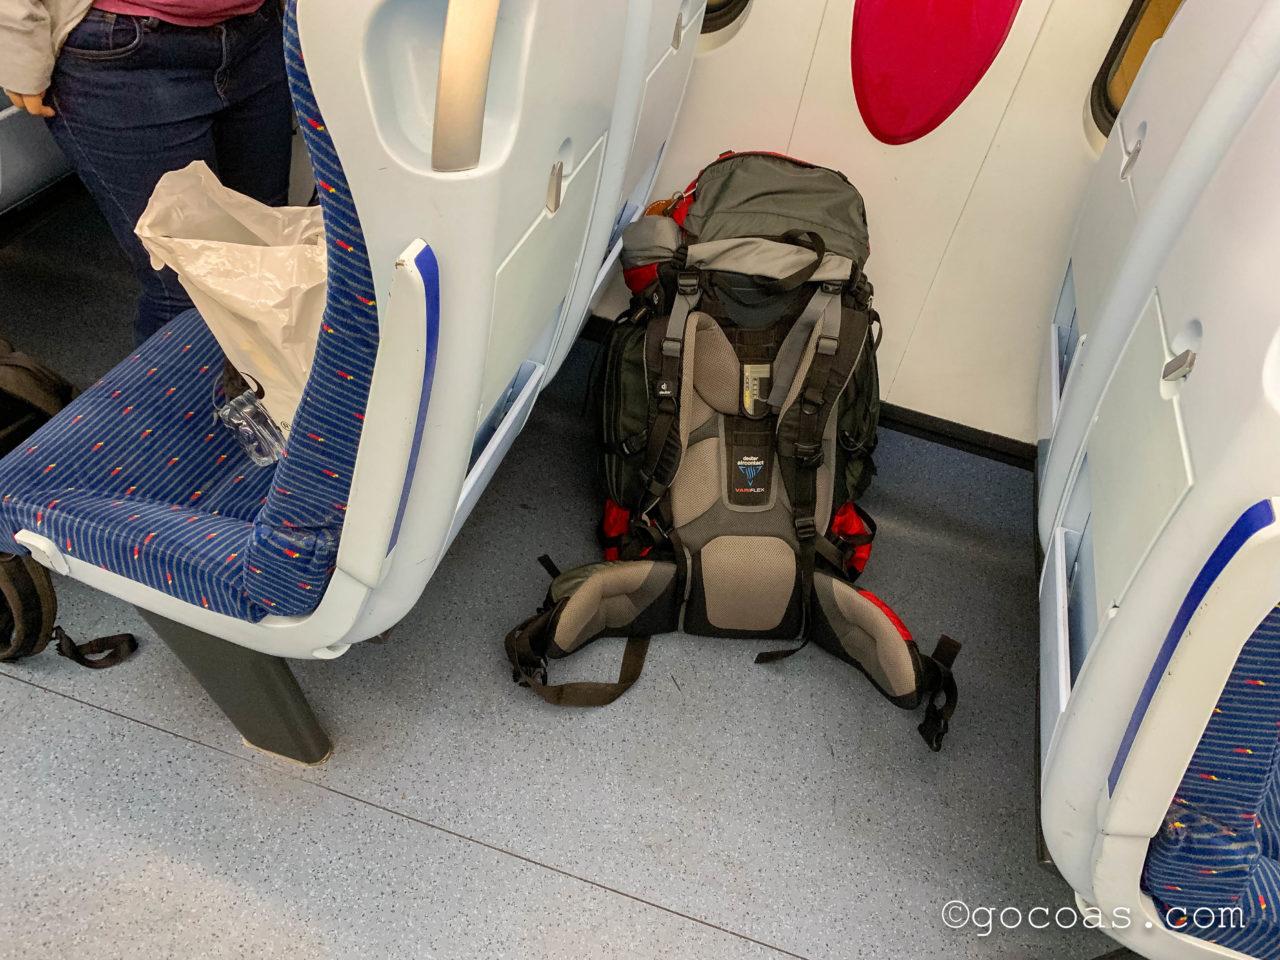 バタワース駅に来た電車内の座席の間にバックパックを置くところ